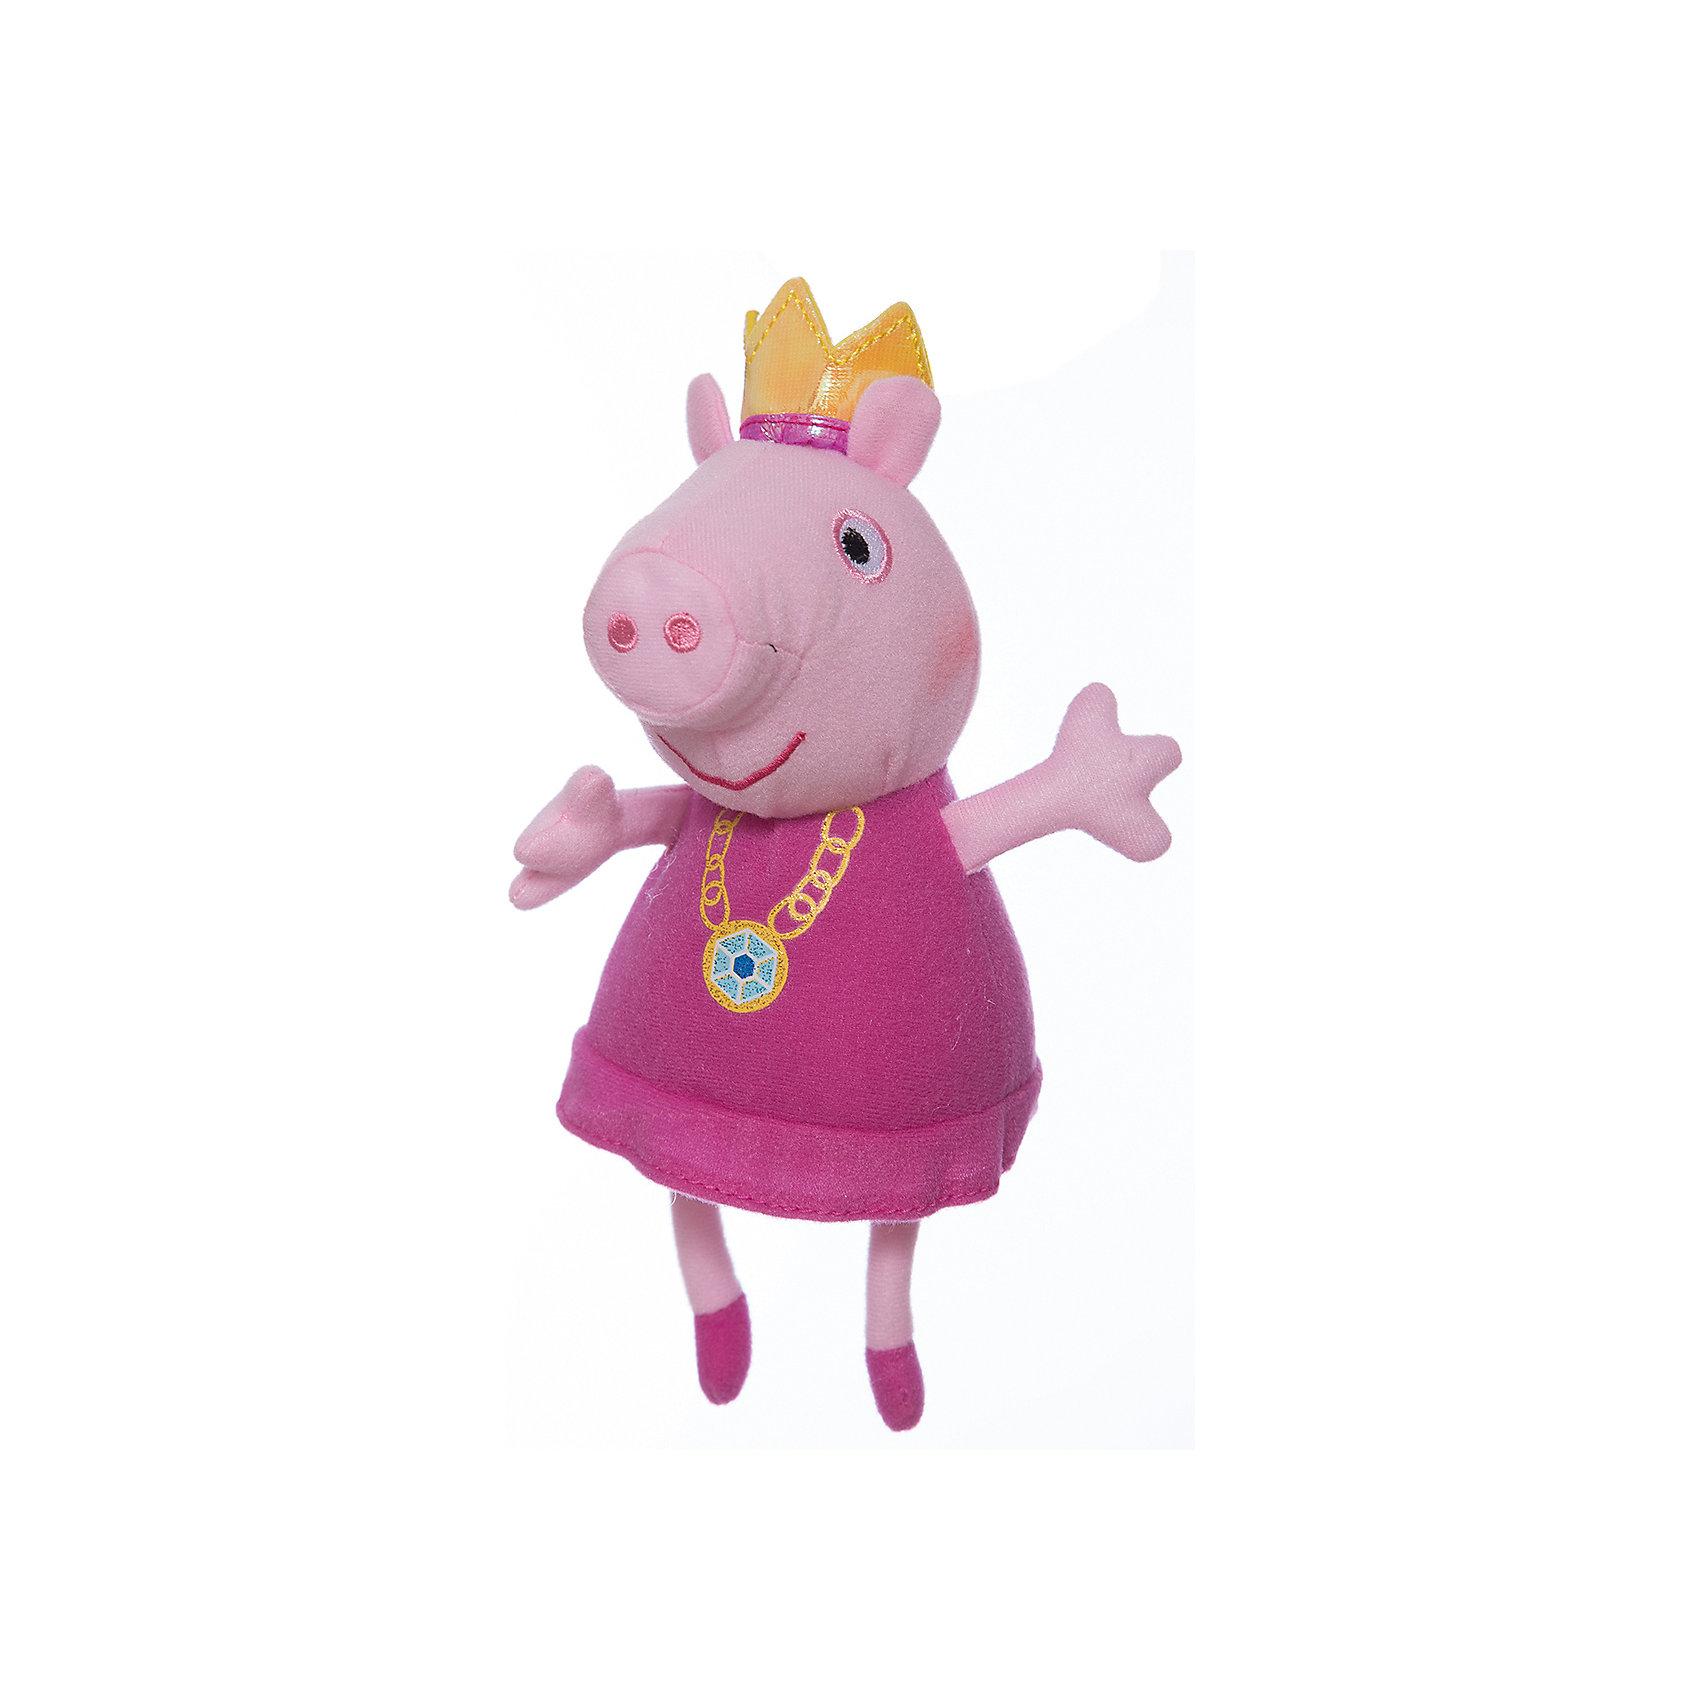 Мягкая игрушка Пеппа-принцесса, 20 см, Peppa PigЛюбимые герои<br>Мягкая игрушка Пеппа-принцесса, 20 см, Peppa Pig (Свинка Пеппа). <br><br>Характеристика:<br><br>• Материал: пластик, текстиль, плюш.   <br>• Размер игрушки: 20 см.<br>• Игрушка мягкая, очень приятная на ощупь. <br><br>Игрушка в виде любимого персонажа мультсериала Peppa Pig, приведет в восторг любого ребенка! Очаровательная Свинка Пеппа в образе принцессы неотразима и восхитительна! Игрушка сшита из мягкого приятного на ощупь плюща. С ней очень весело играть днем и приятно засыпать вечером.<br>Собери всю коллекцию плюшевых игрушек Peppa Pig проигрывай сцены из любимых мультфильмов или придумывай свои забавные и интересные истории!  <br><br>Мягкую игрушку Пеппа-принцесса, 20 см, Peppa Pig (Свинка Пеппа), можно купить в нашем интернет-магазине.<br><br>Ширина мм: 180<br>Глубина мм: 90<br>Высота мм: 80<br>Вес г: 40<br>Возраст от месяцев: 36<br>Возраст до месяцев: 2147483647<br>Пол: Унисекс<br>Возраст: Детский<br>SKU: 5211687